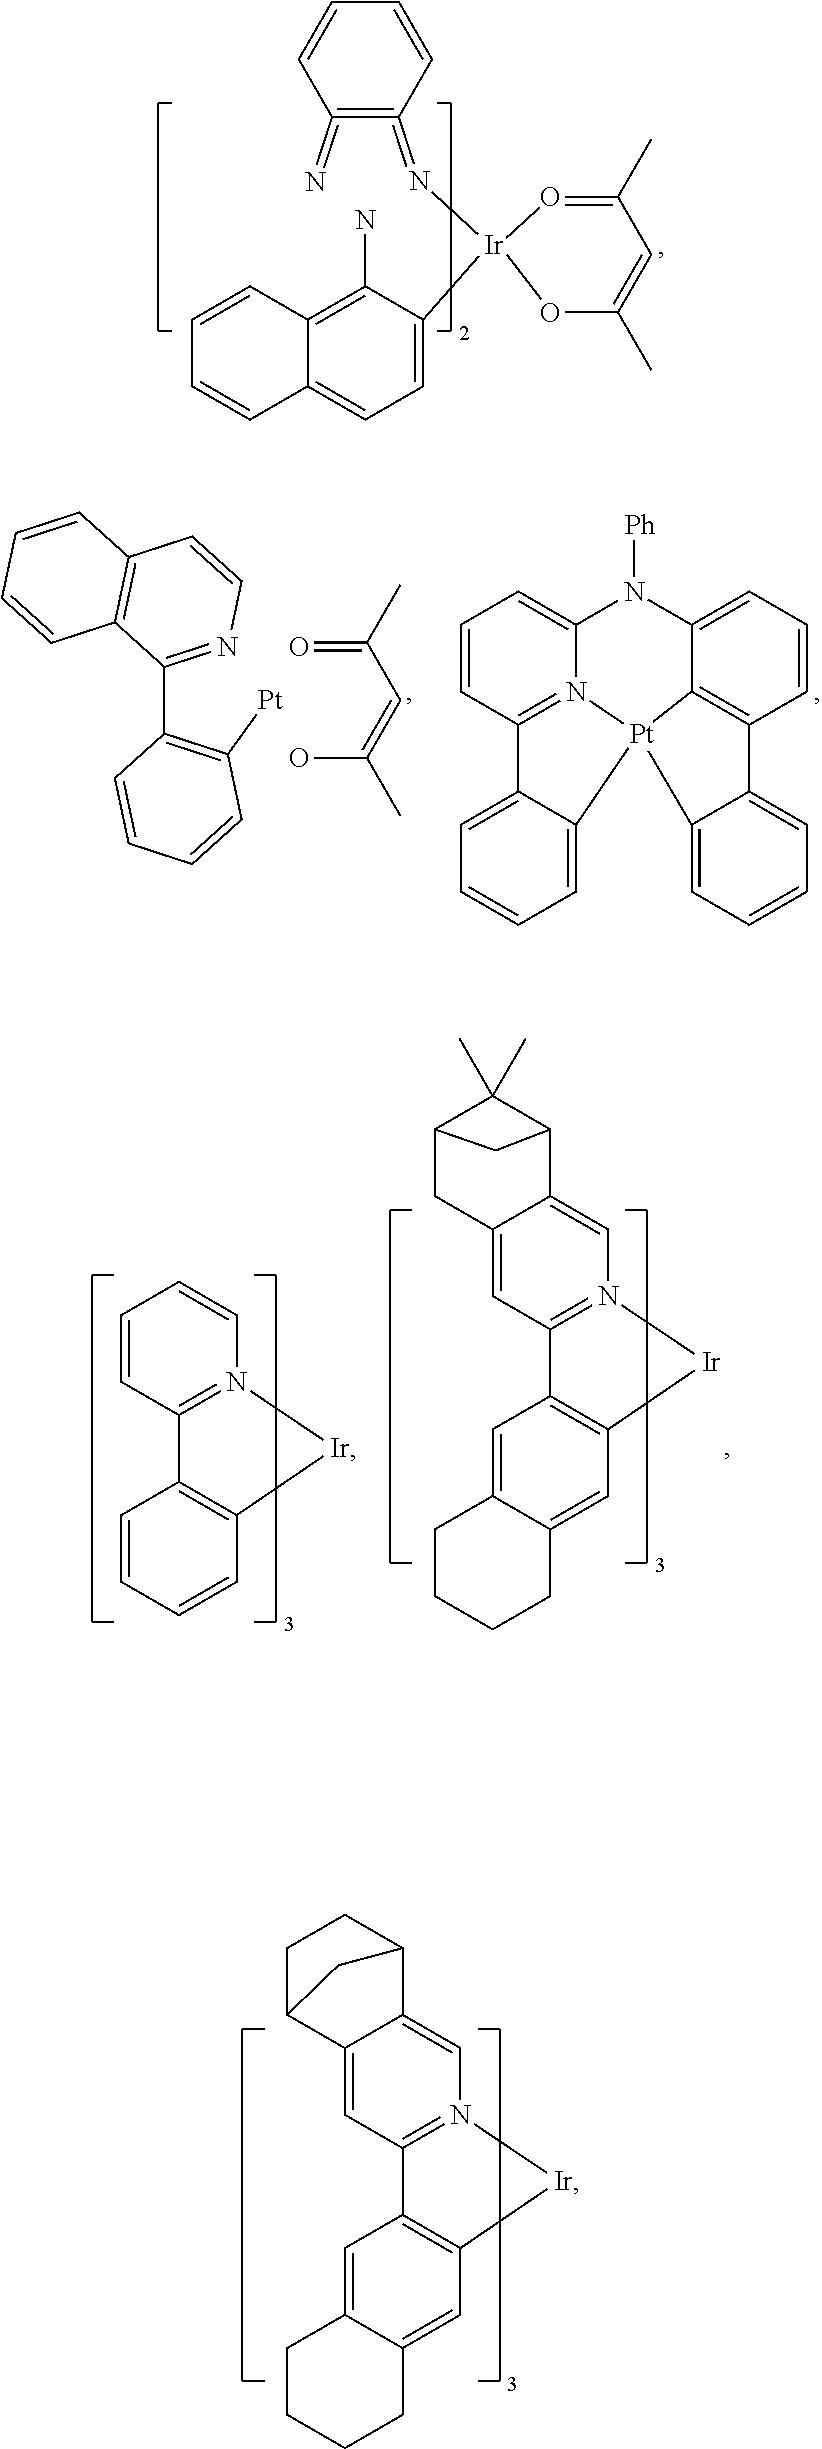 Figure US20180076393A1-20180315-C00098